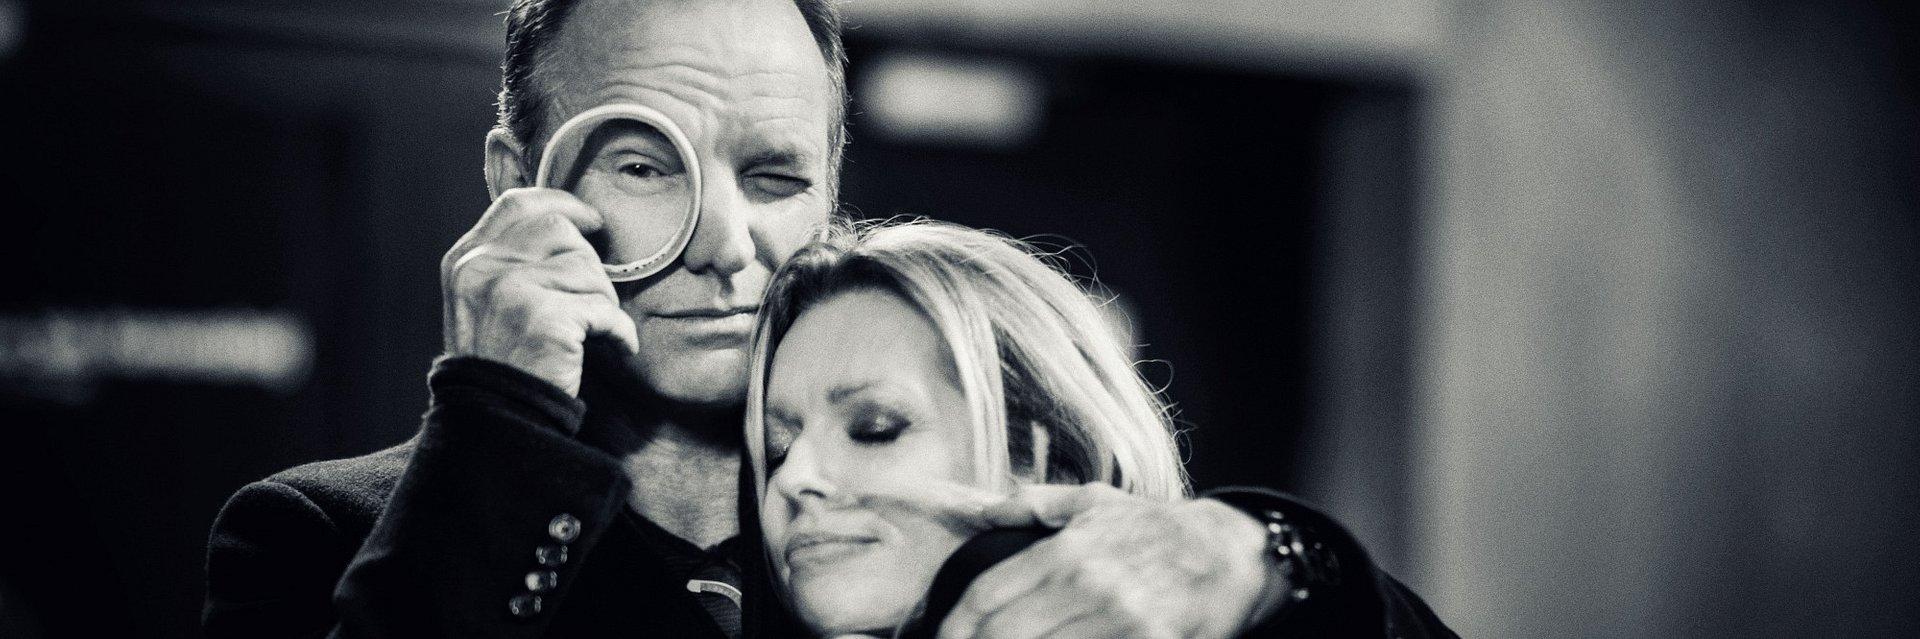 Anna Maria Jopek wystąpi jako gość specjalny koncertu Stinga